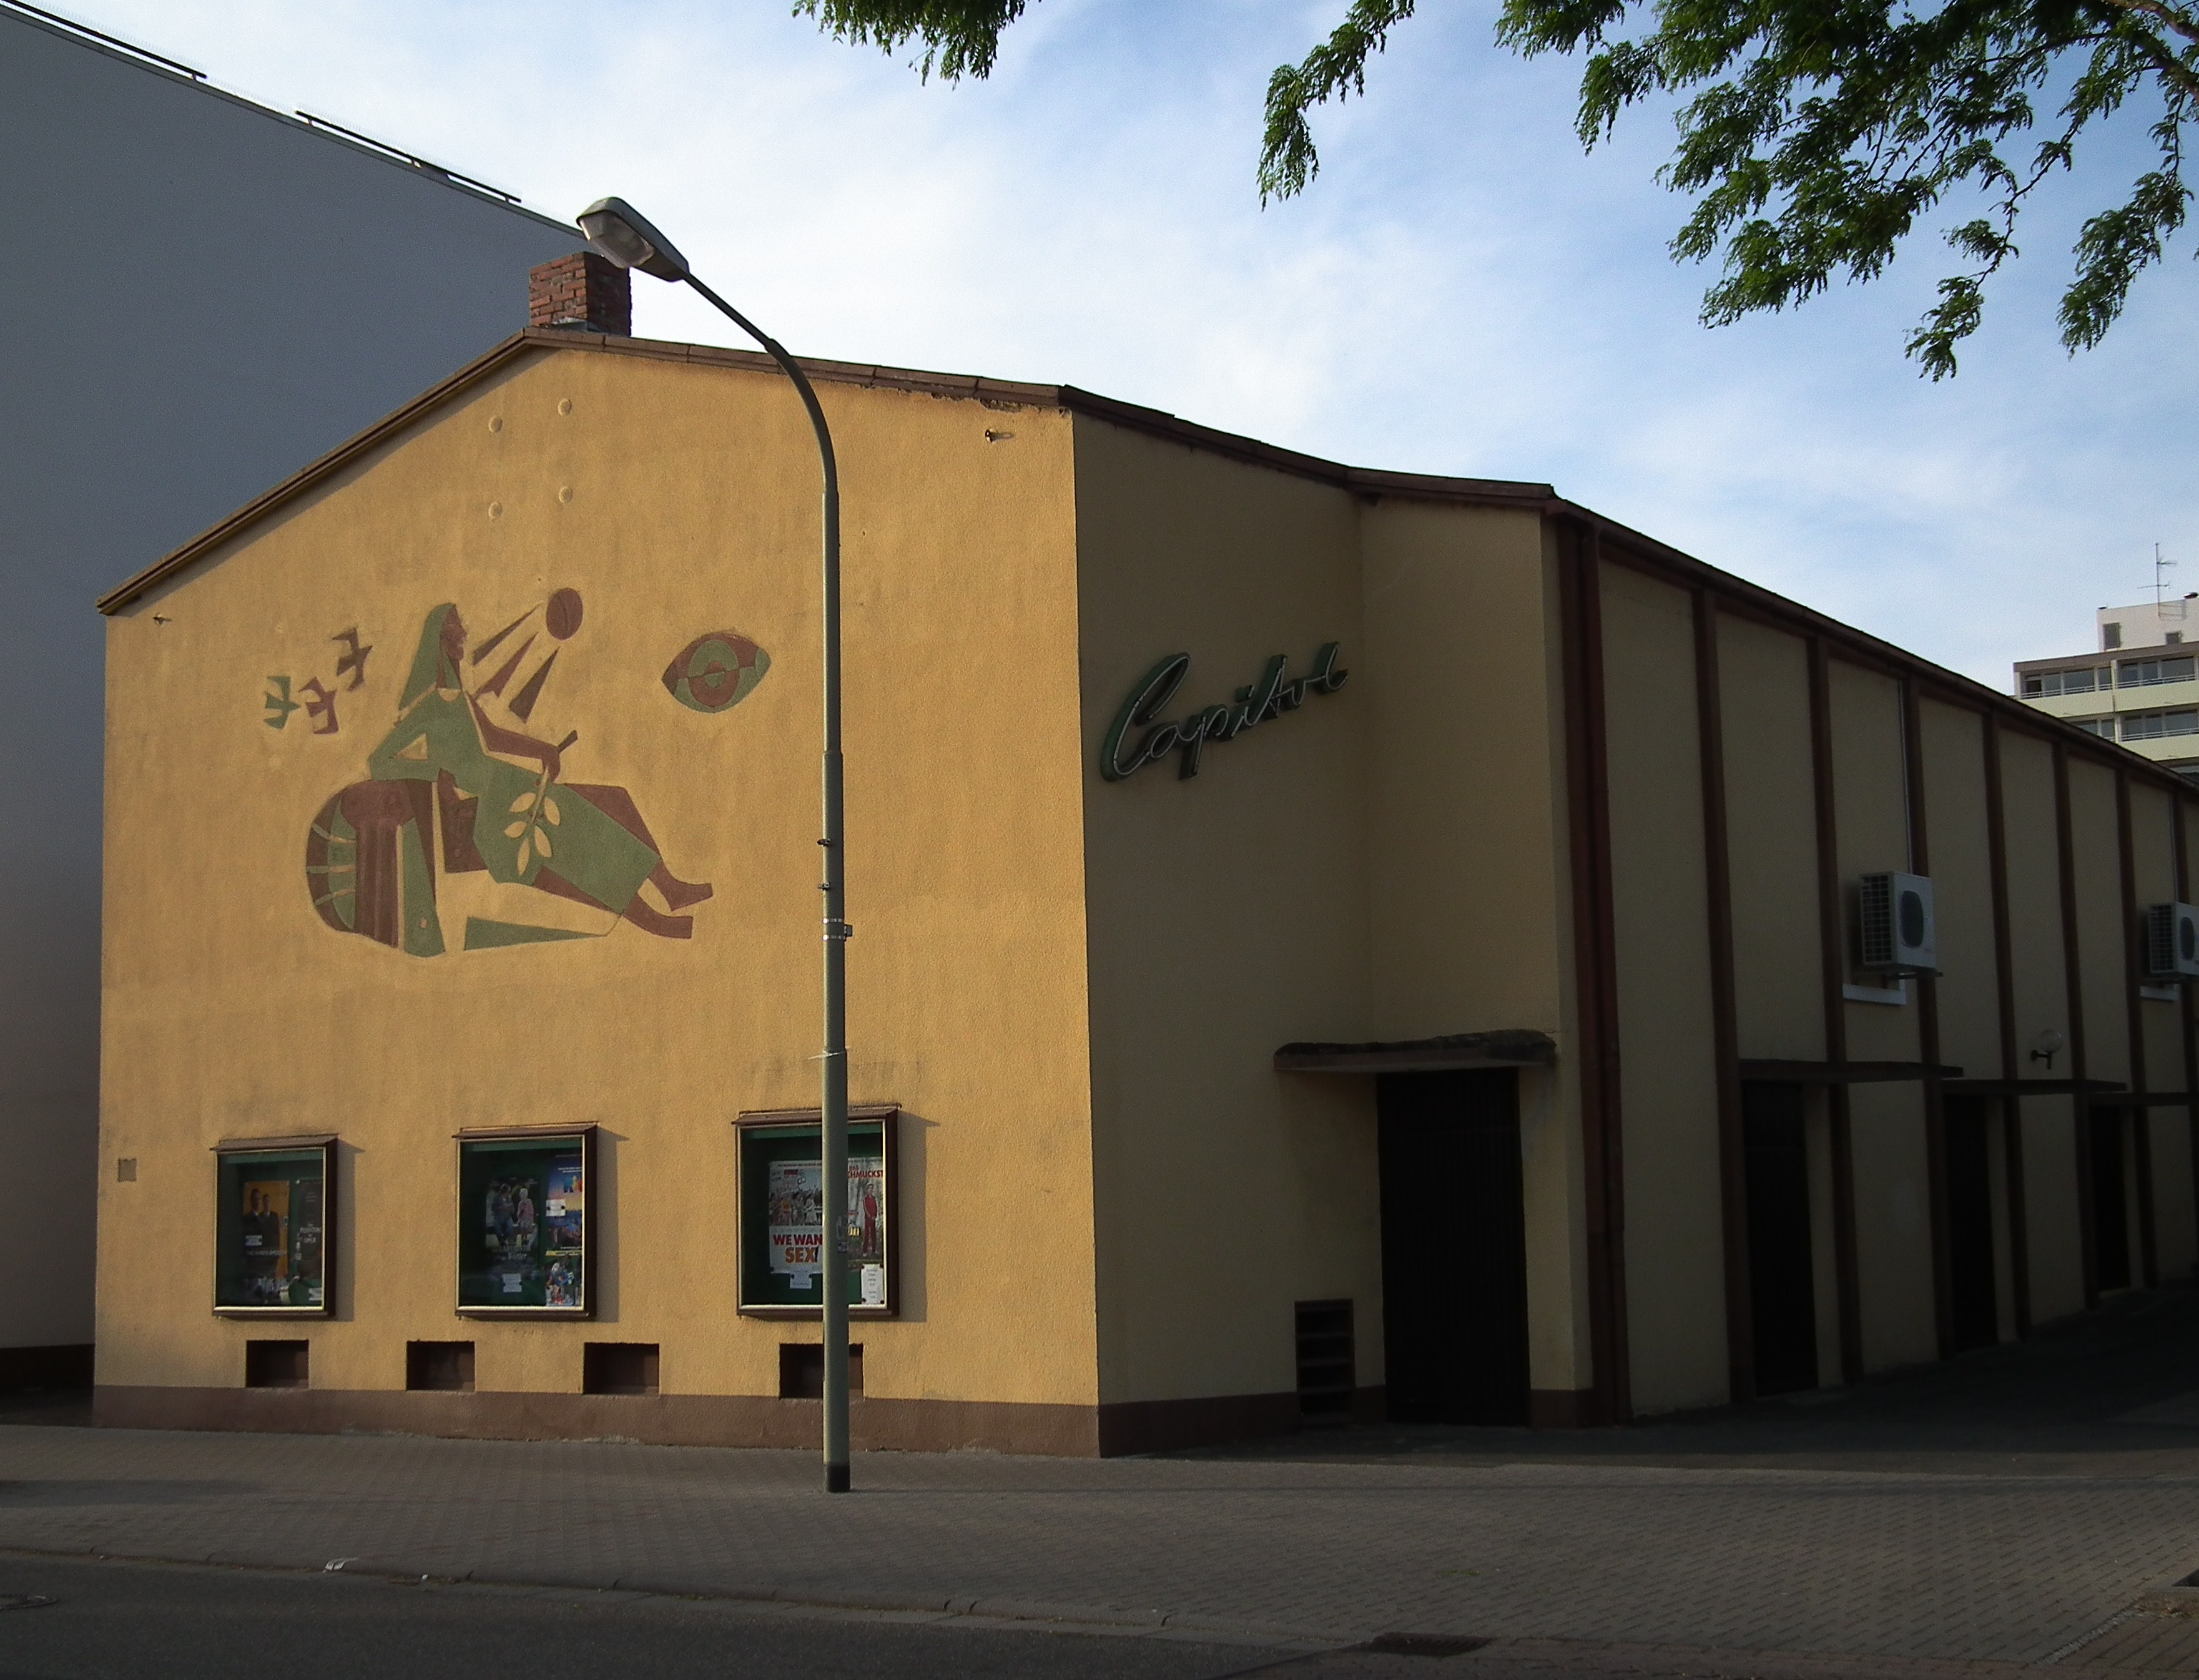 Capitol Limburgerhof